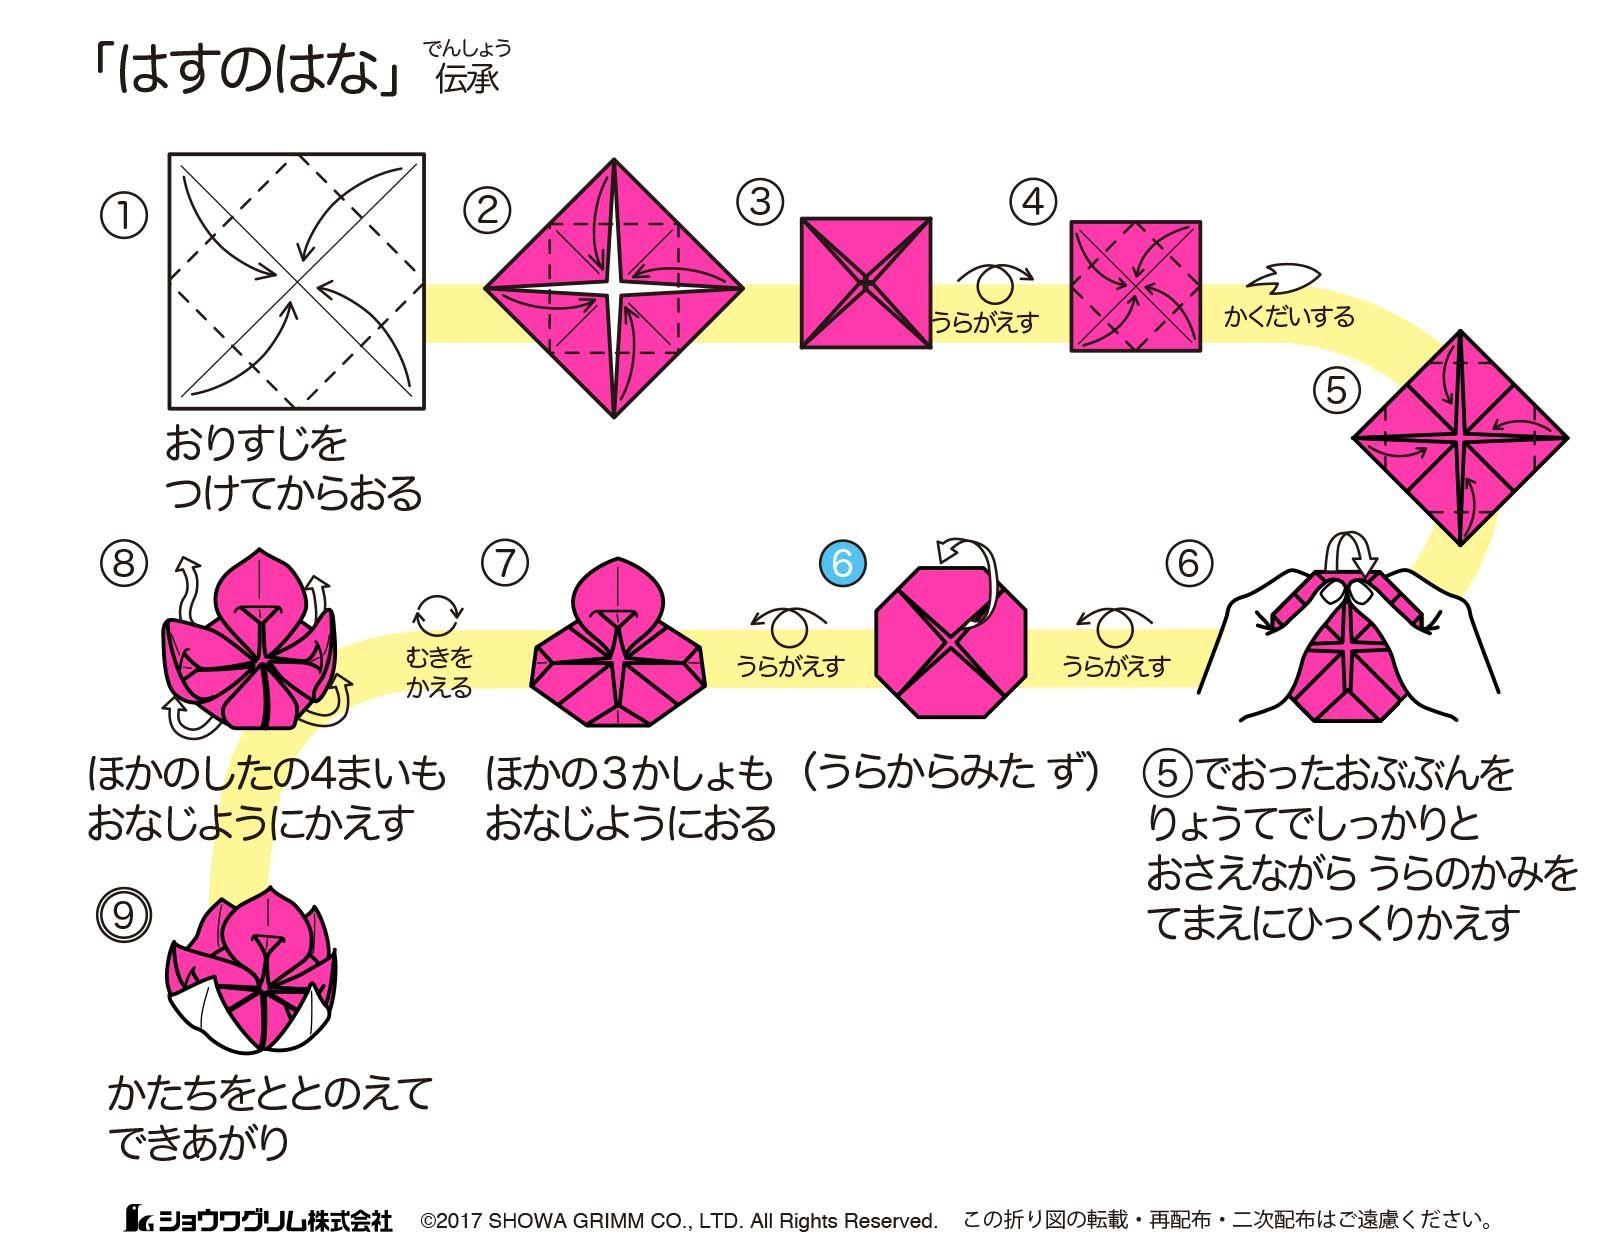 はすのはな 蓮の花 折り紙の折り方 折り図 ショウワグリム株式会社 折り紙 折り紙 折り方 蓮の花